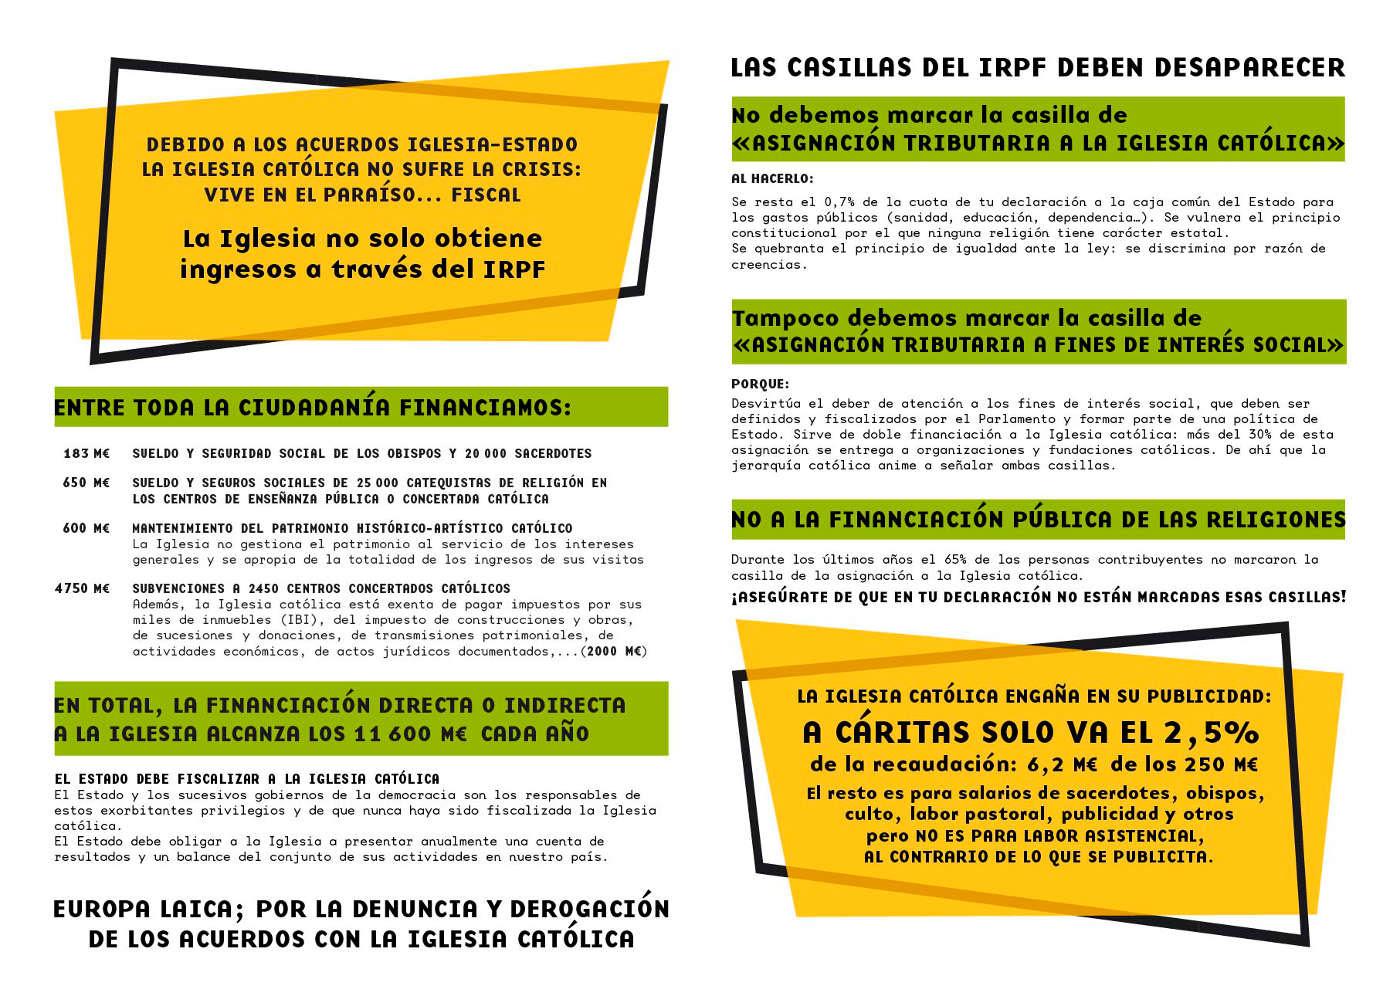 Europa Laica propone a la ciudadanía no marcar ni casilla de la Iglesia Católica ni la de fines sociales